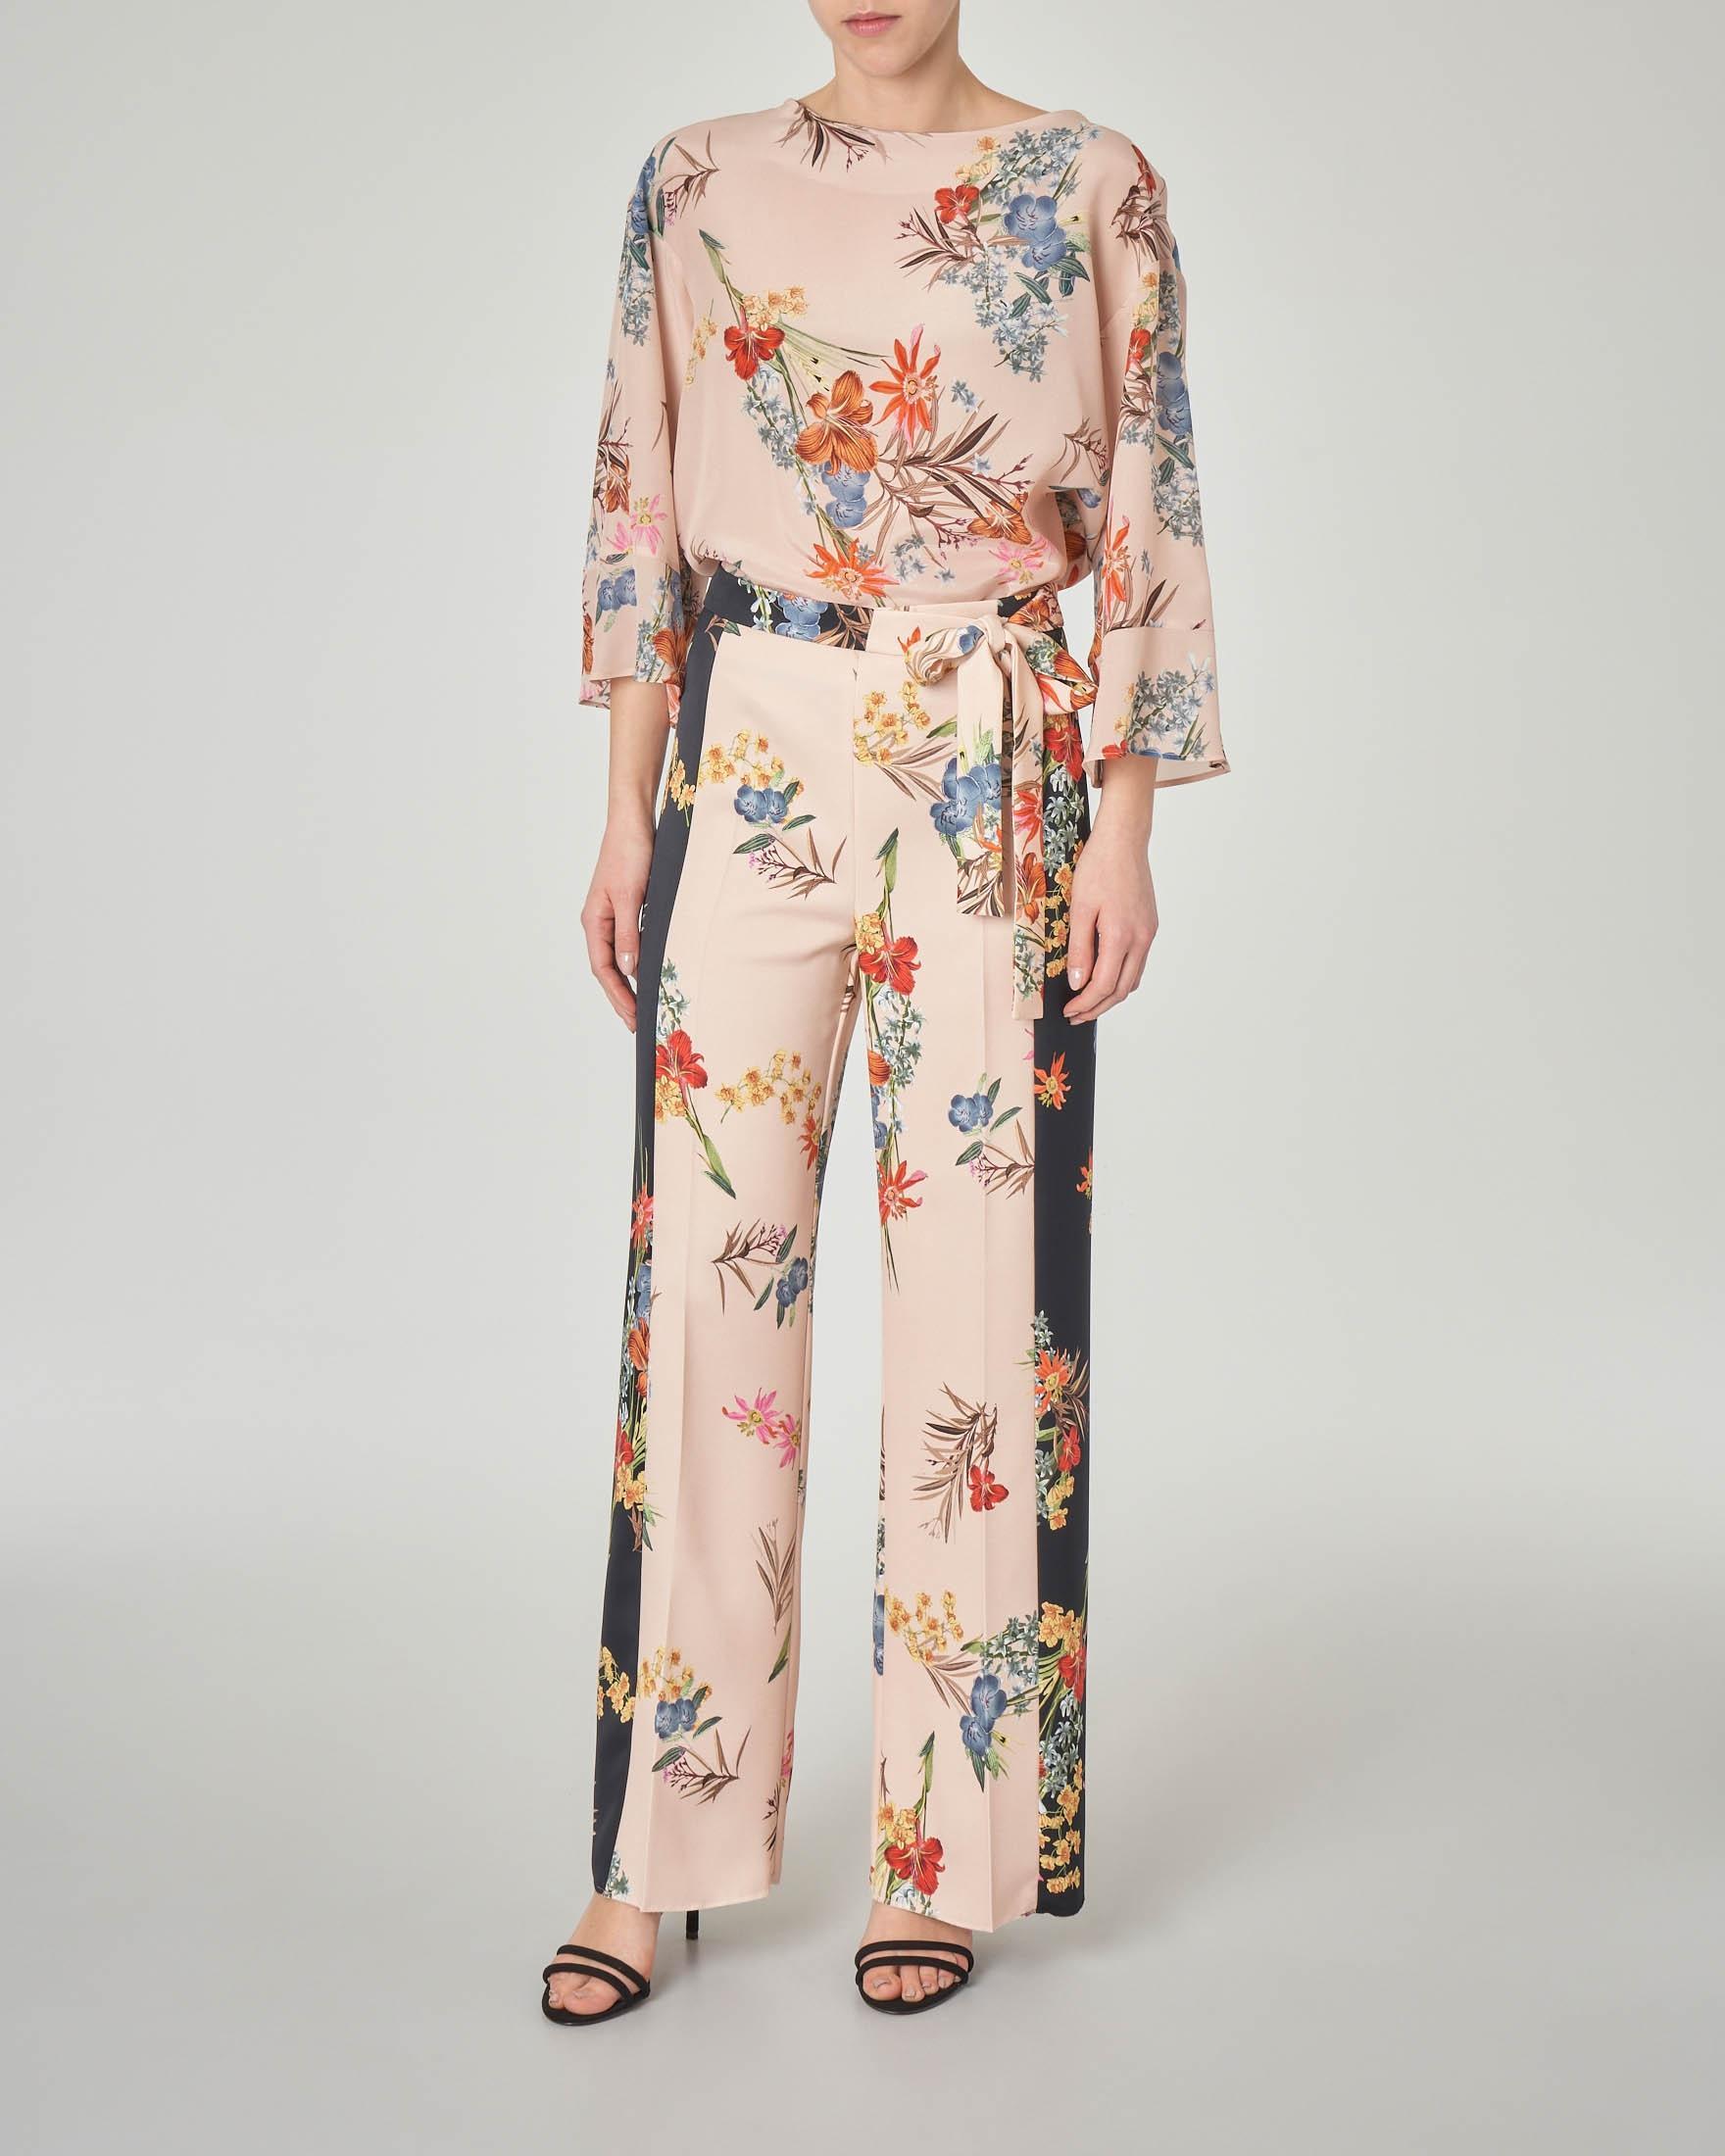 Blusa in seta color cipria a fantasia floreale con scollo a barchetta